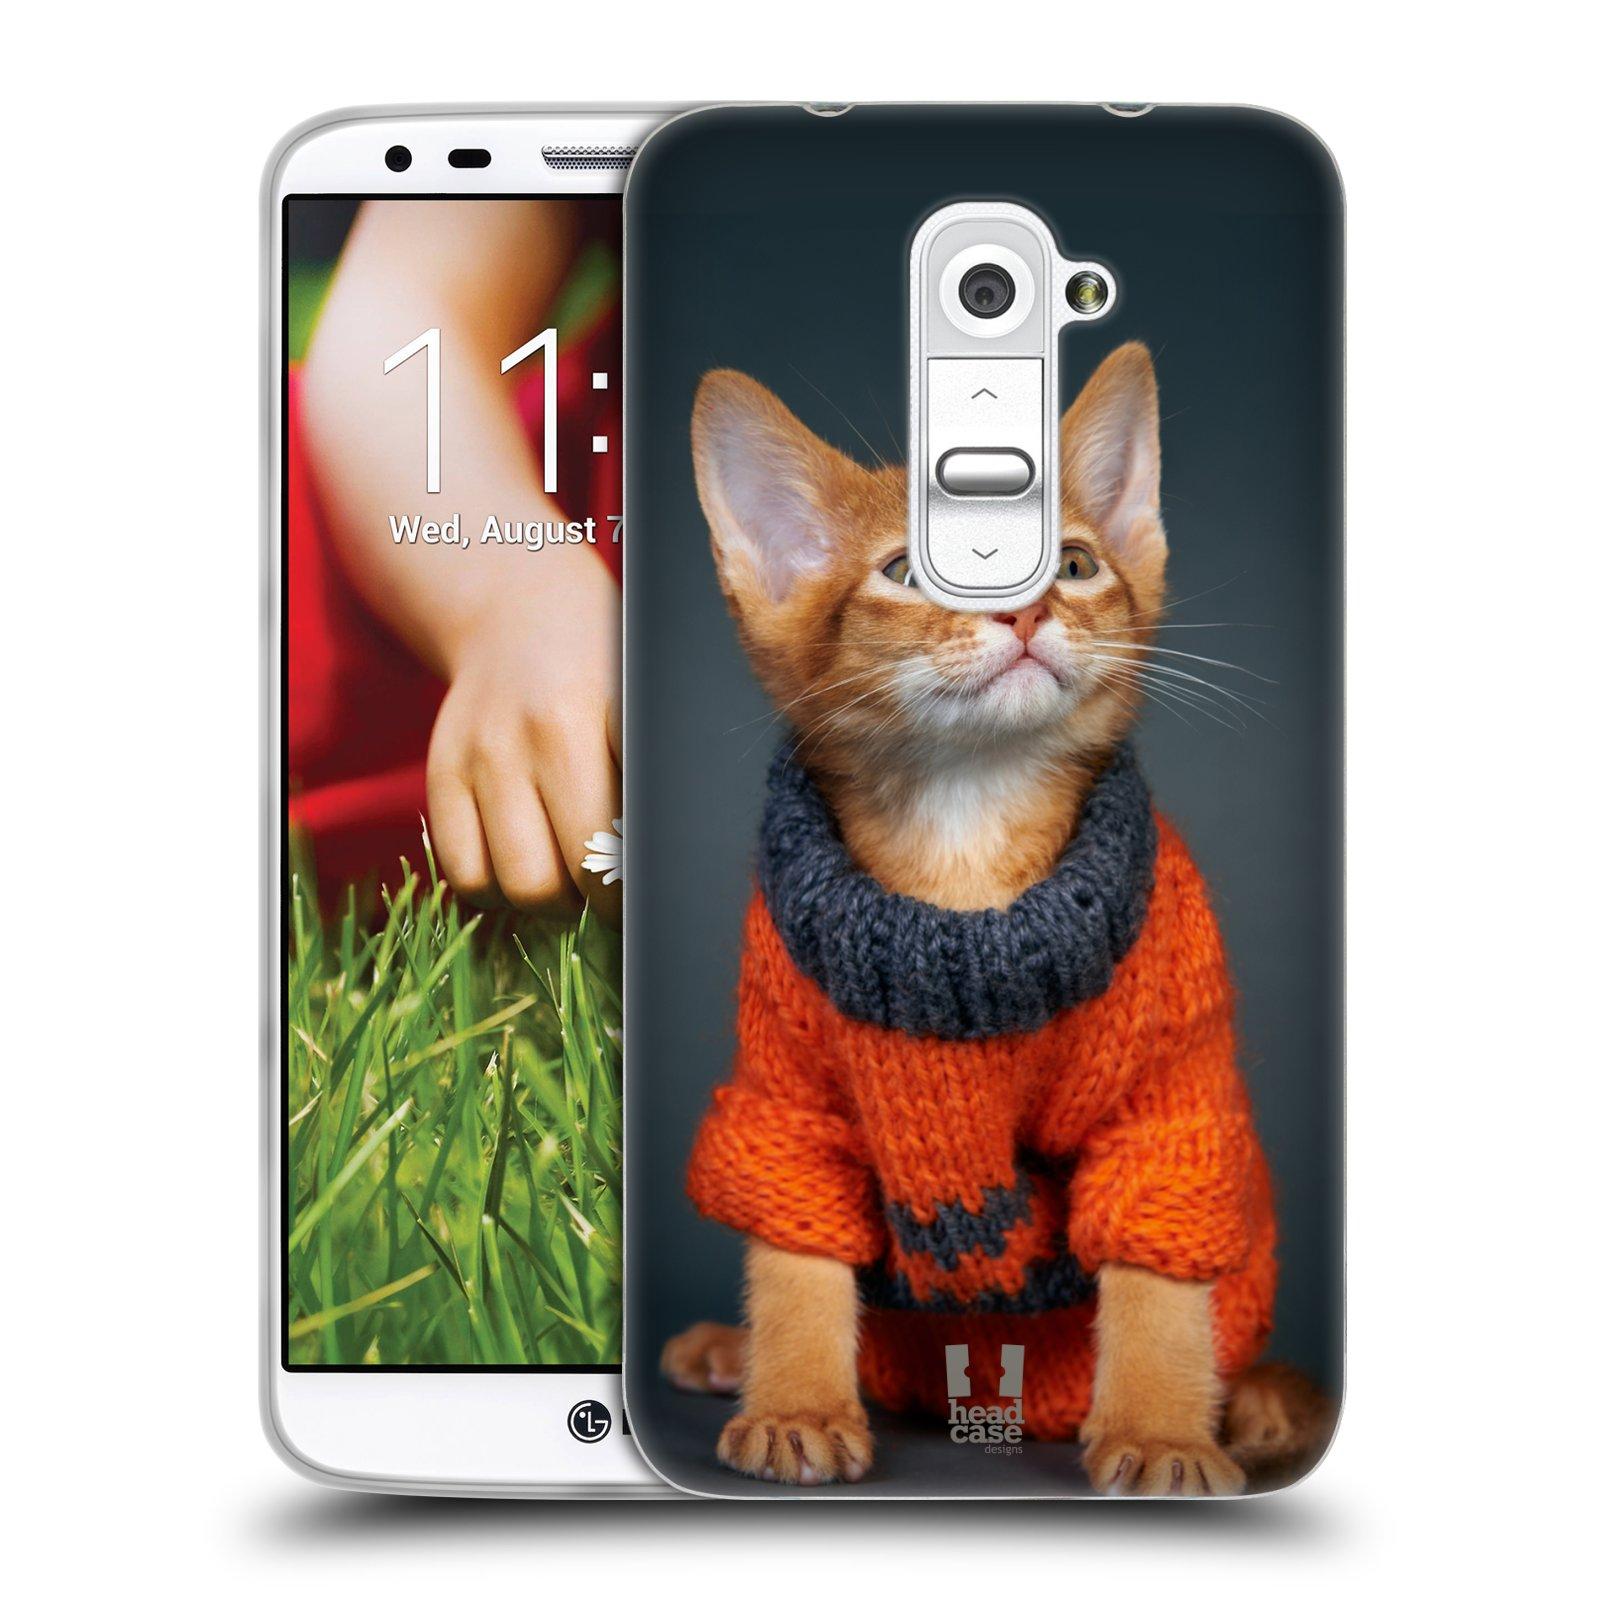 HEAD CASE silikonový obal na mobil LG G2 vzor Legrační zvířátka kočička v oranžovém svetru